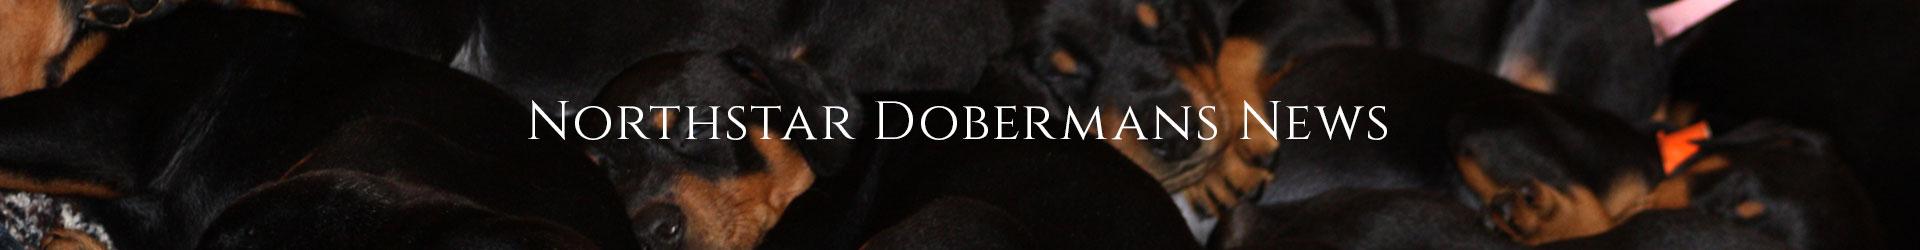 http://northstardobermans.com/nsd/wp-content/uploads/2019/05/bg-news-header.jpg